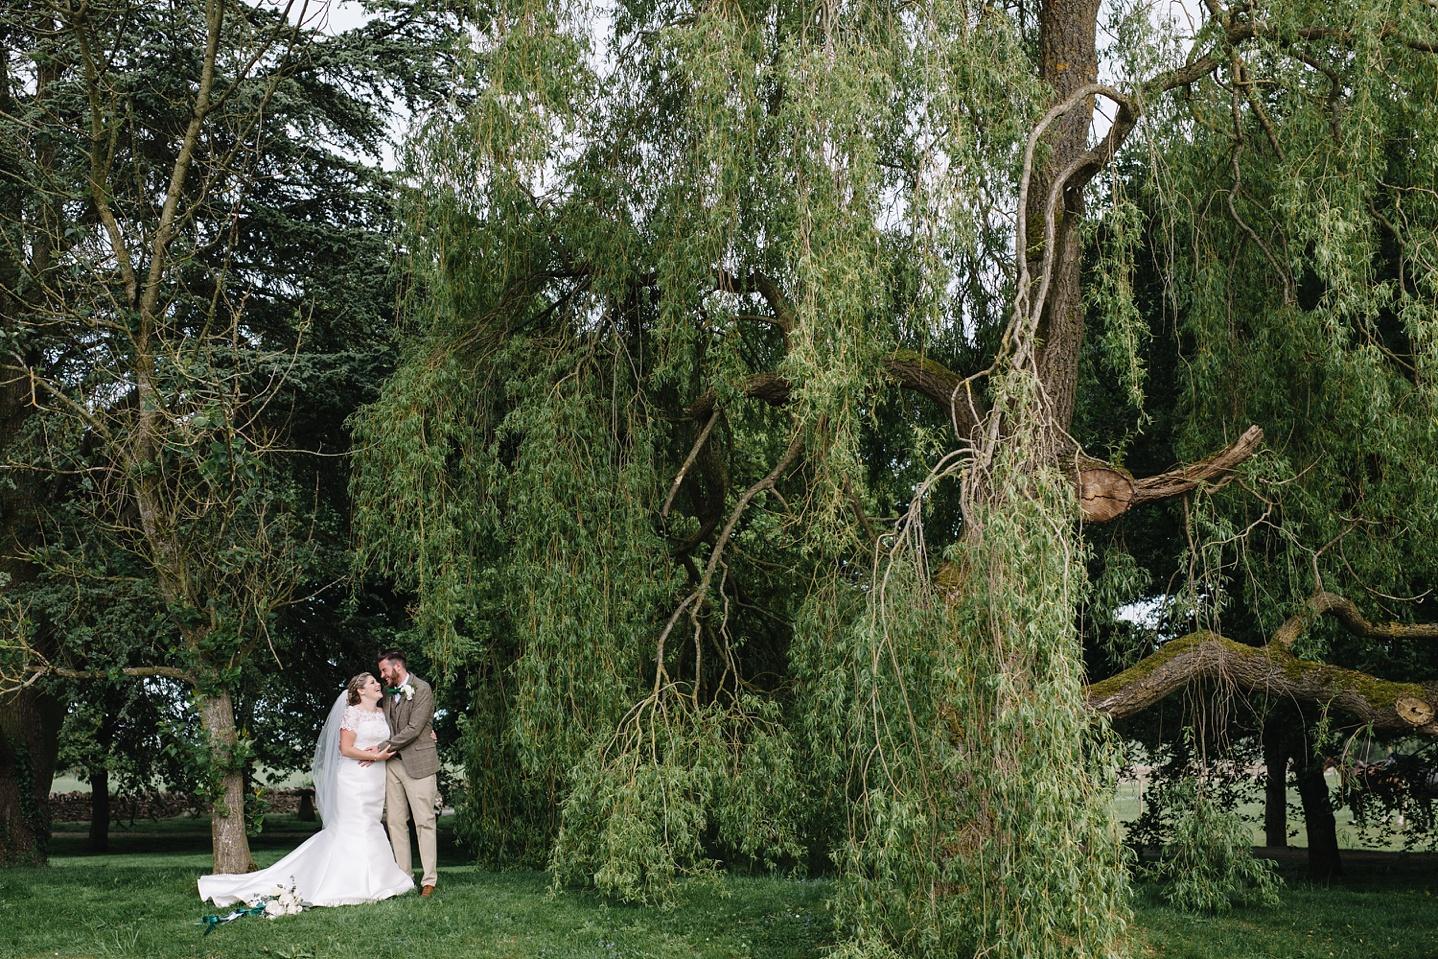 Oxleaze-Barn-Wedding-Photographer_0095.jpg